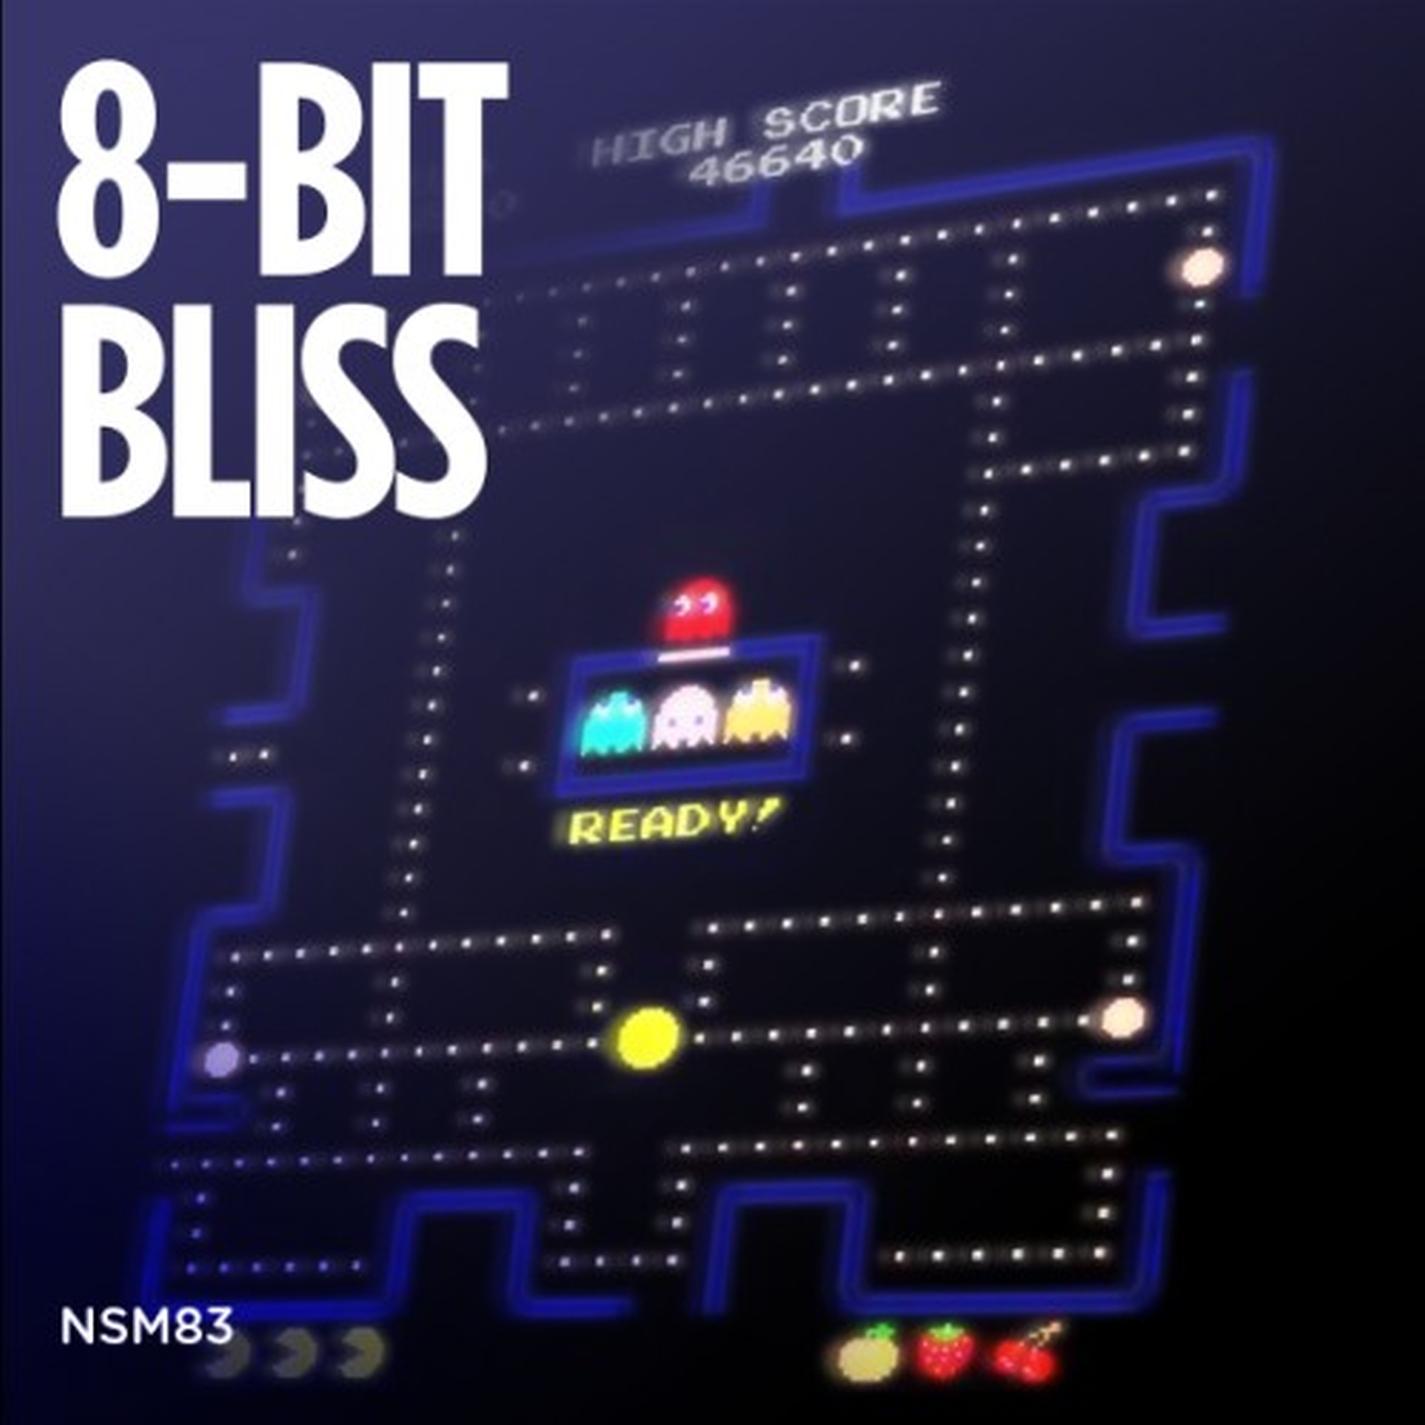 8-Bit Bliss